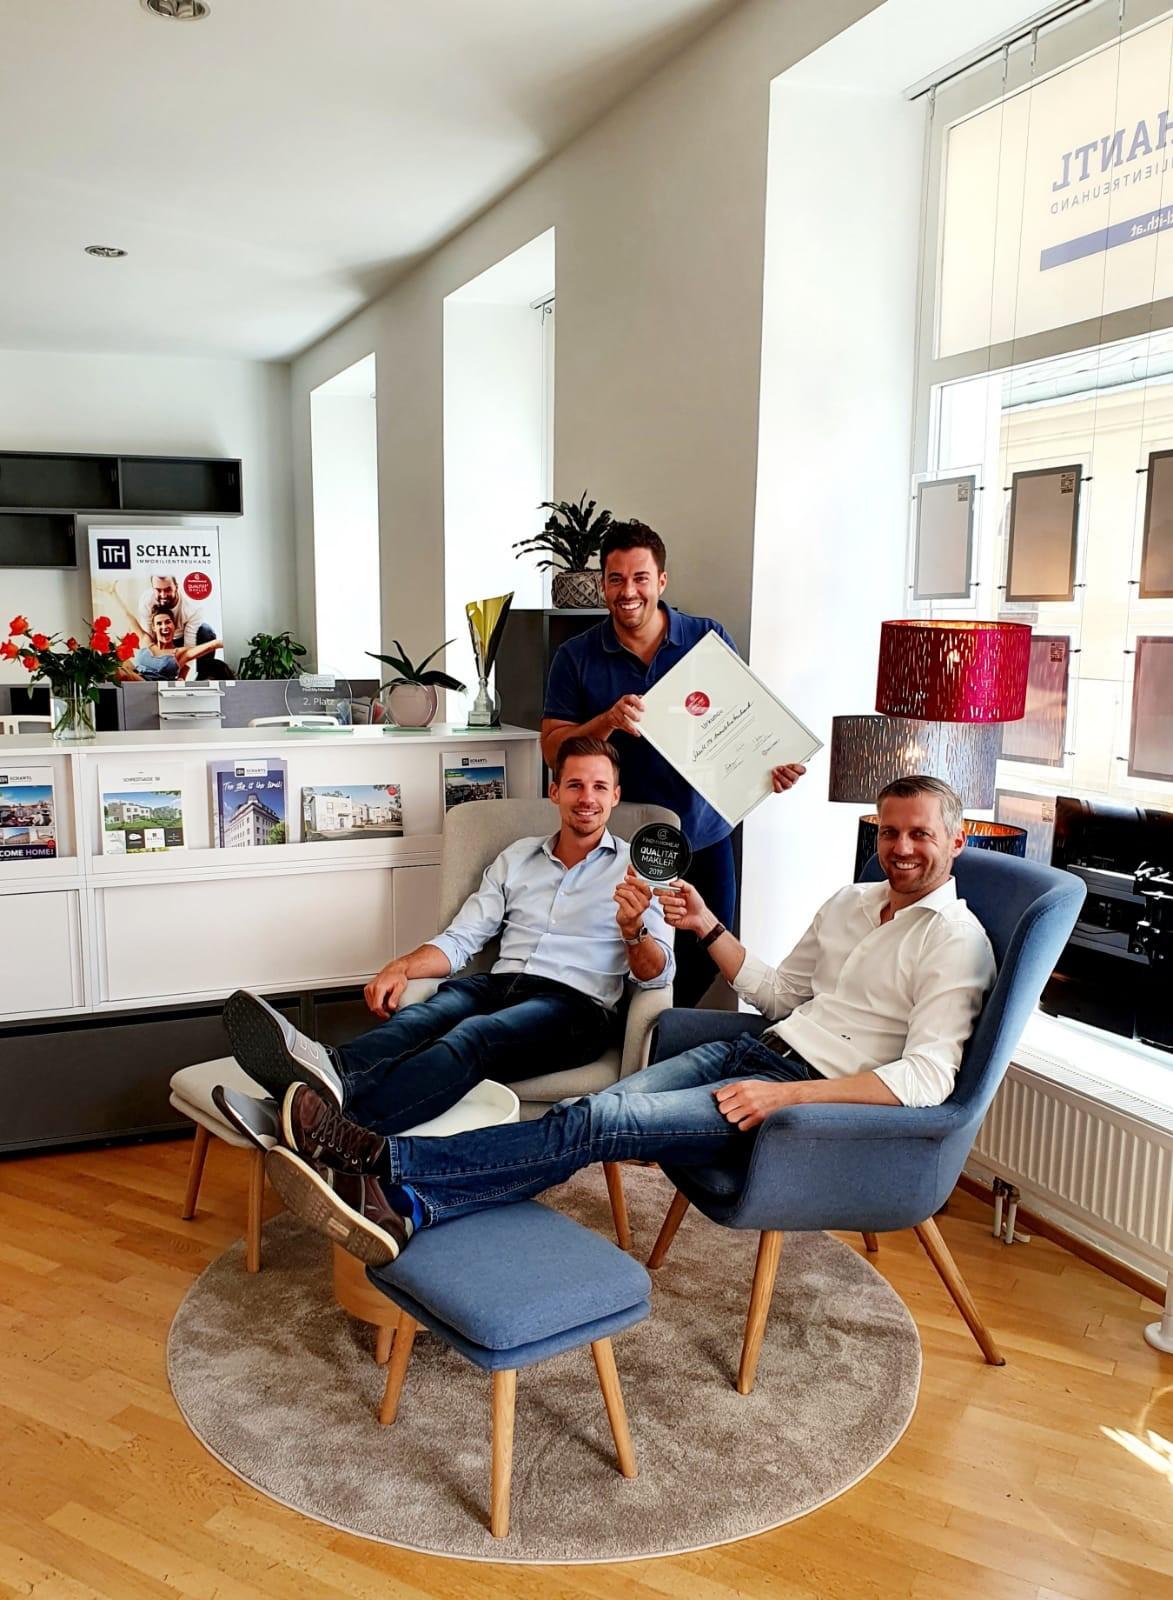 Qualitätsmakler 2019_Immobilien zum Verlieben   Ausgezeichneter Makler Top Immobilien Graz Wien Wohnungskauf Eigentum, Häuser, exklusive Projekte